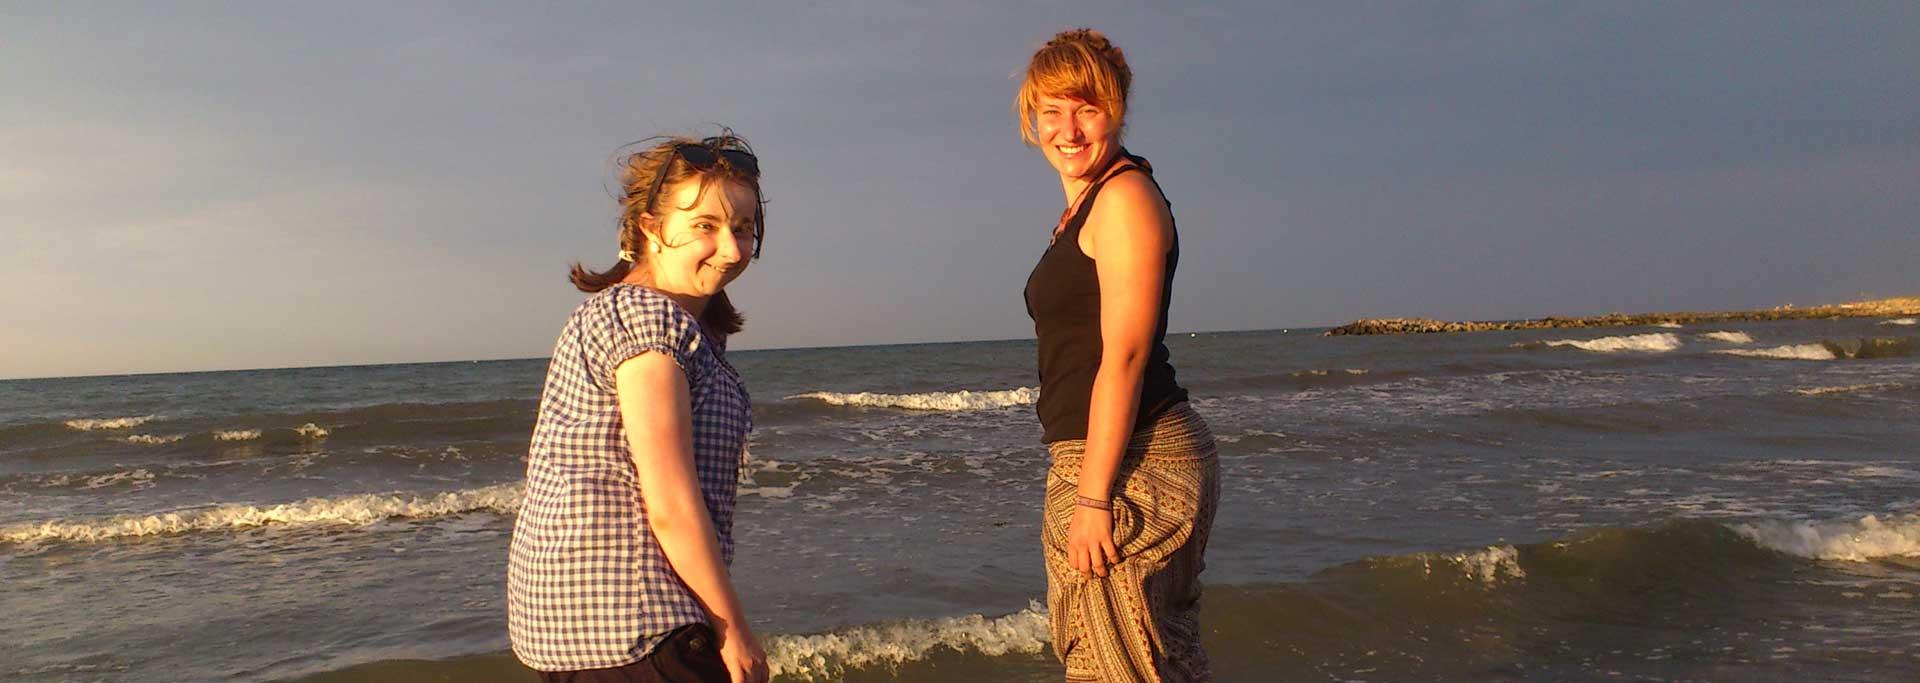 Reisen für Behinderte - Jugendreise an die Ostsee